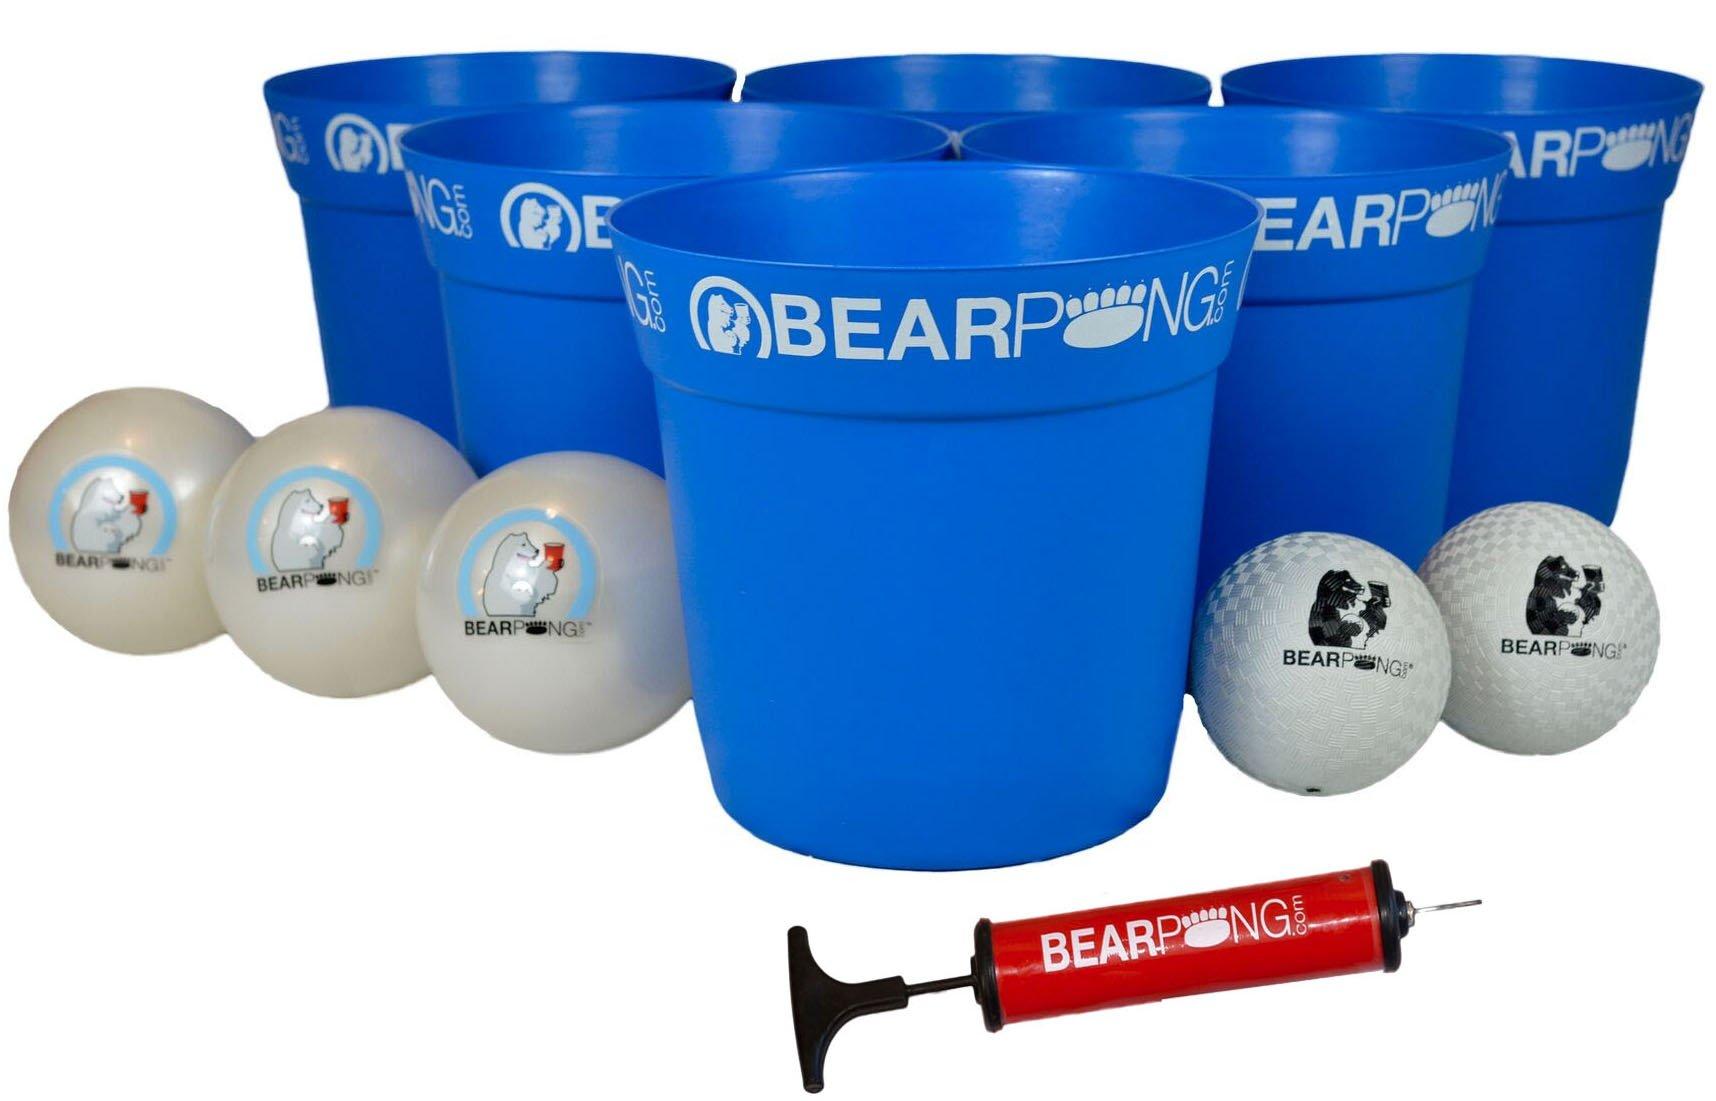 Bearpong Deluxe Game Set: 12 BEARPONG Buckets, 3 BEARPONG Balls, 2 Beach Balls, 1 Ball Pump with Carrying Case, and Instructions (Blue)